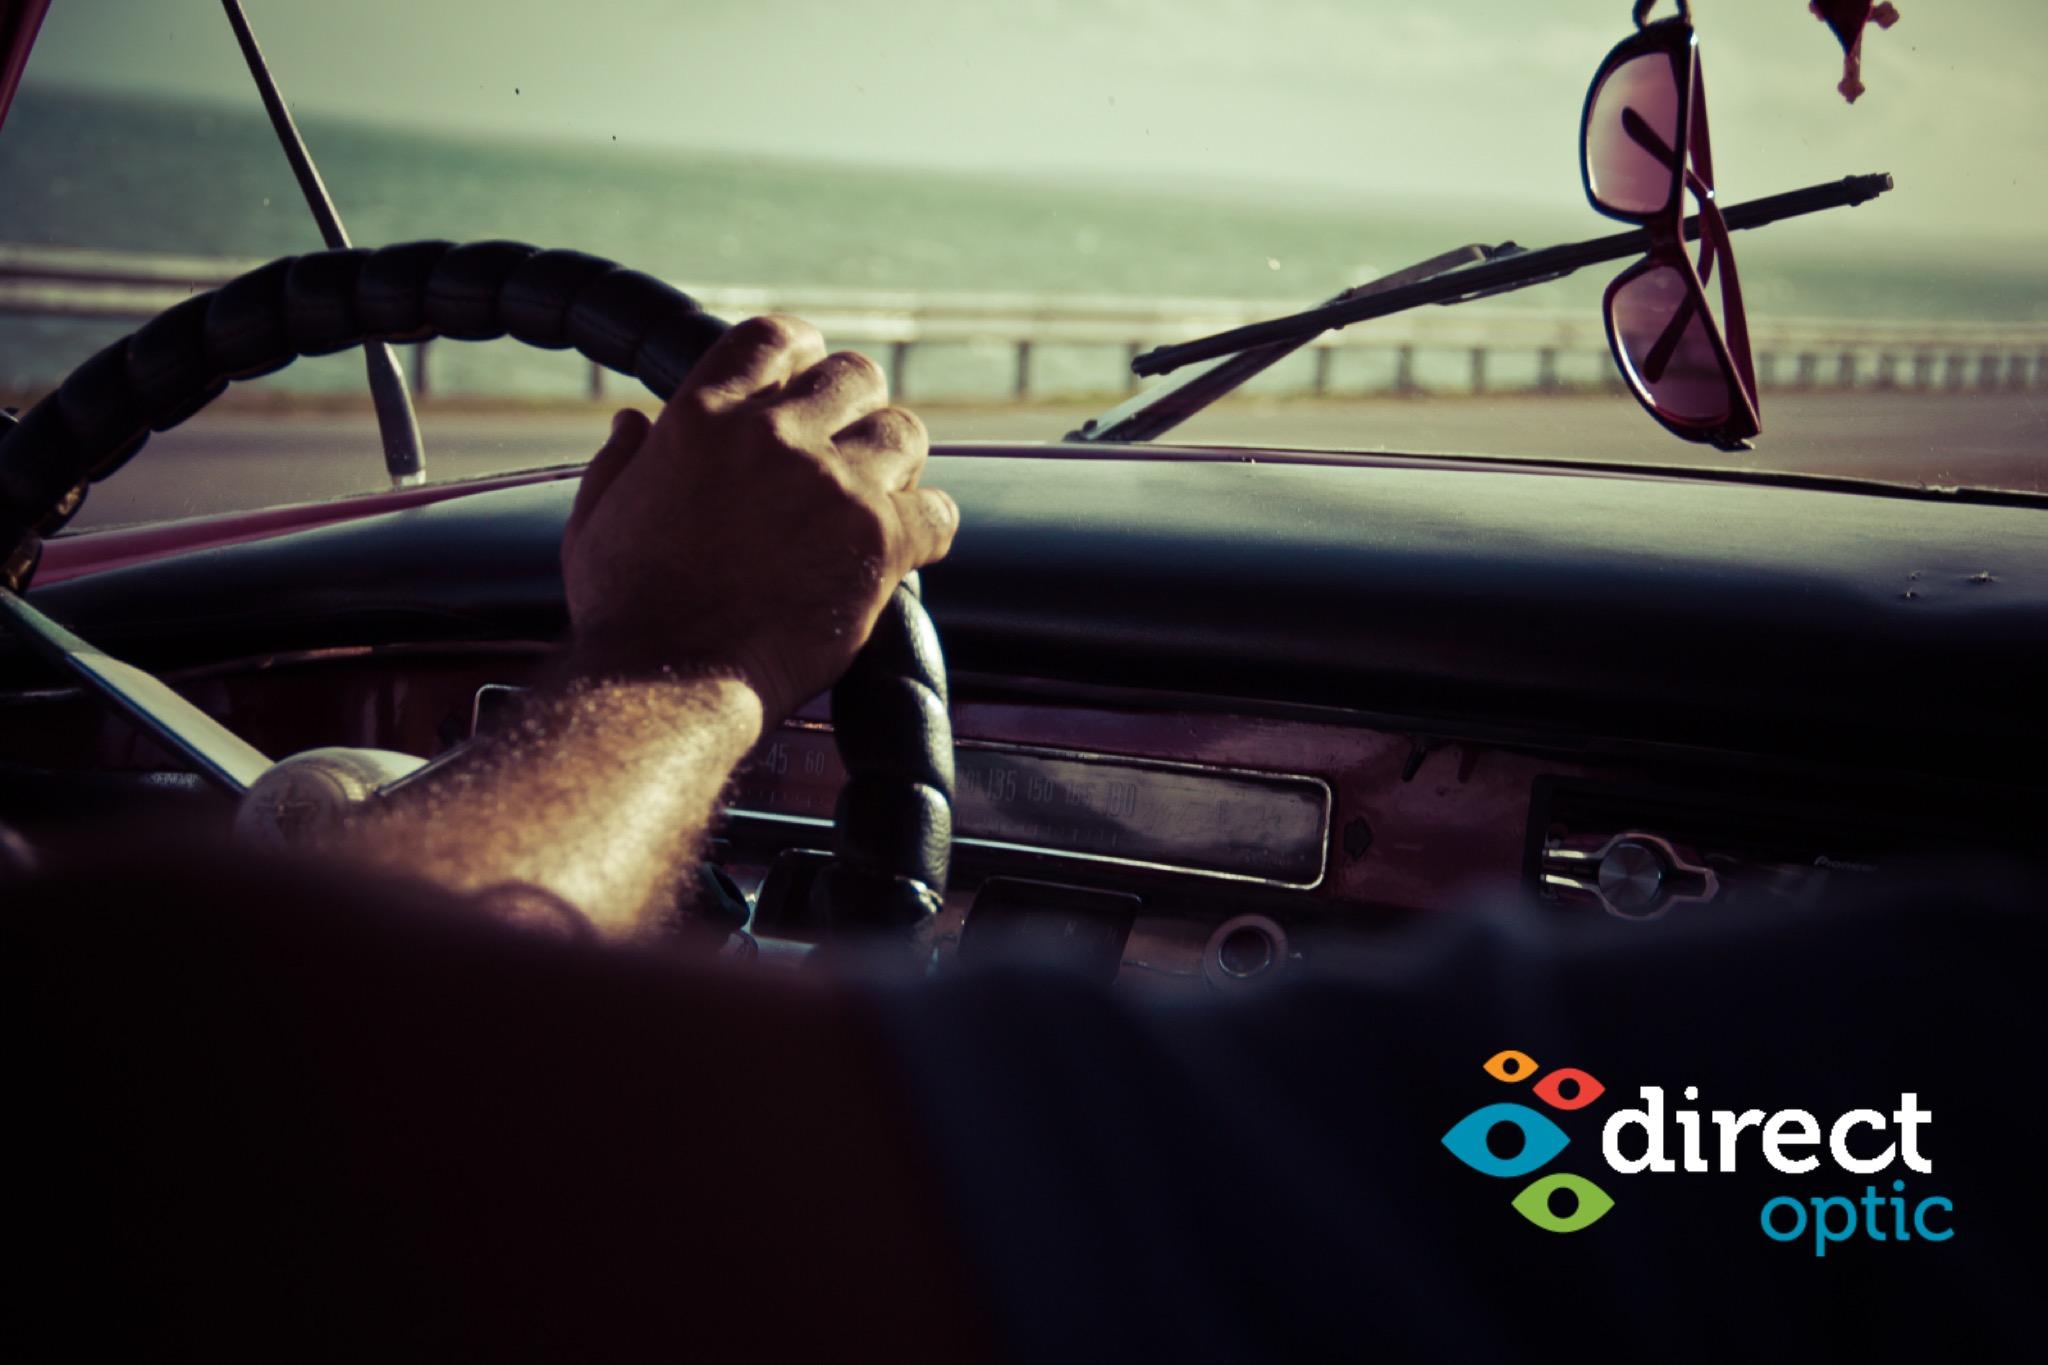 occhiali alla guida con Direct Optic Italia